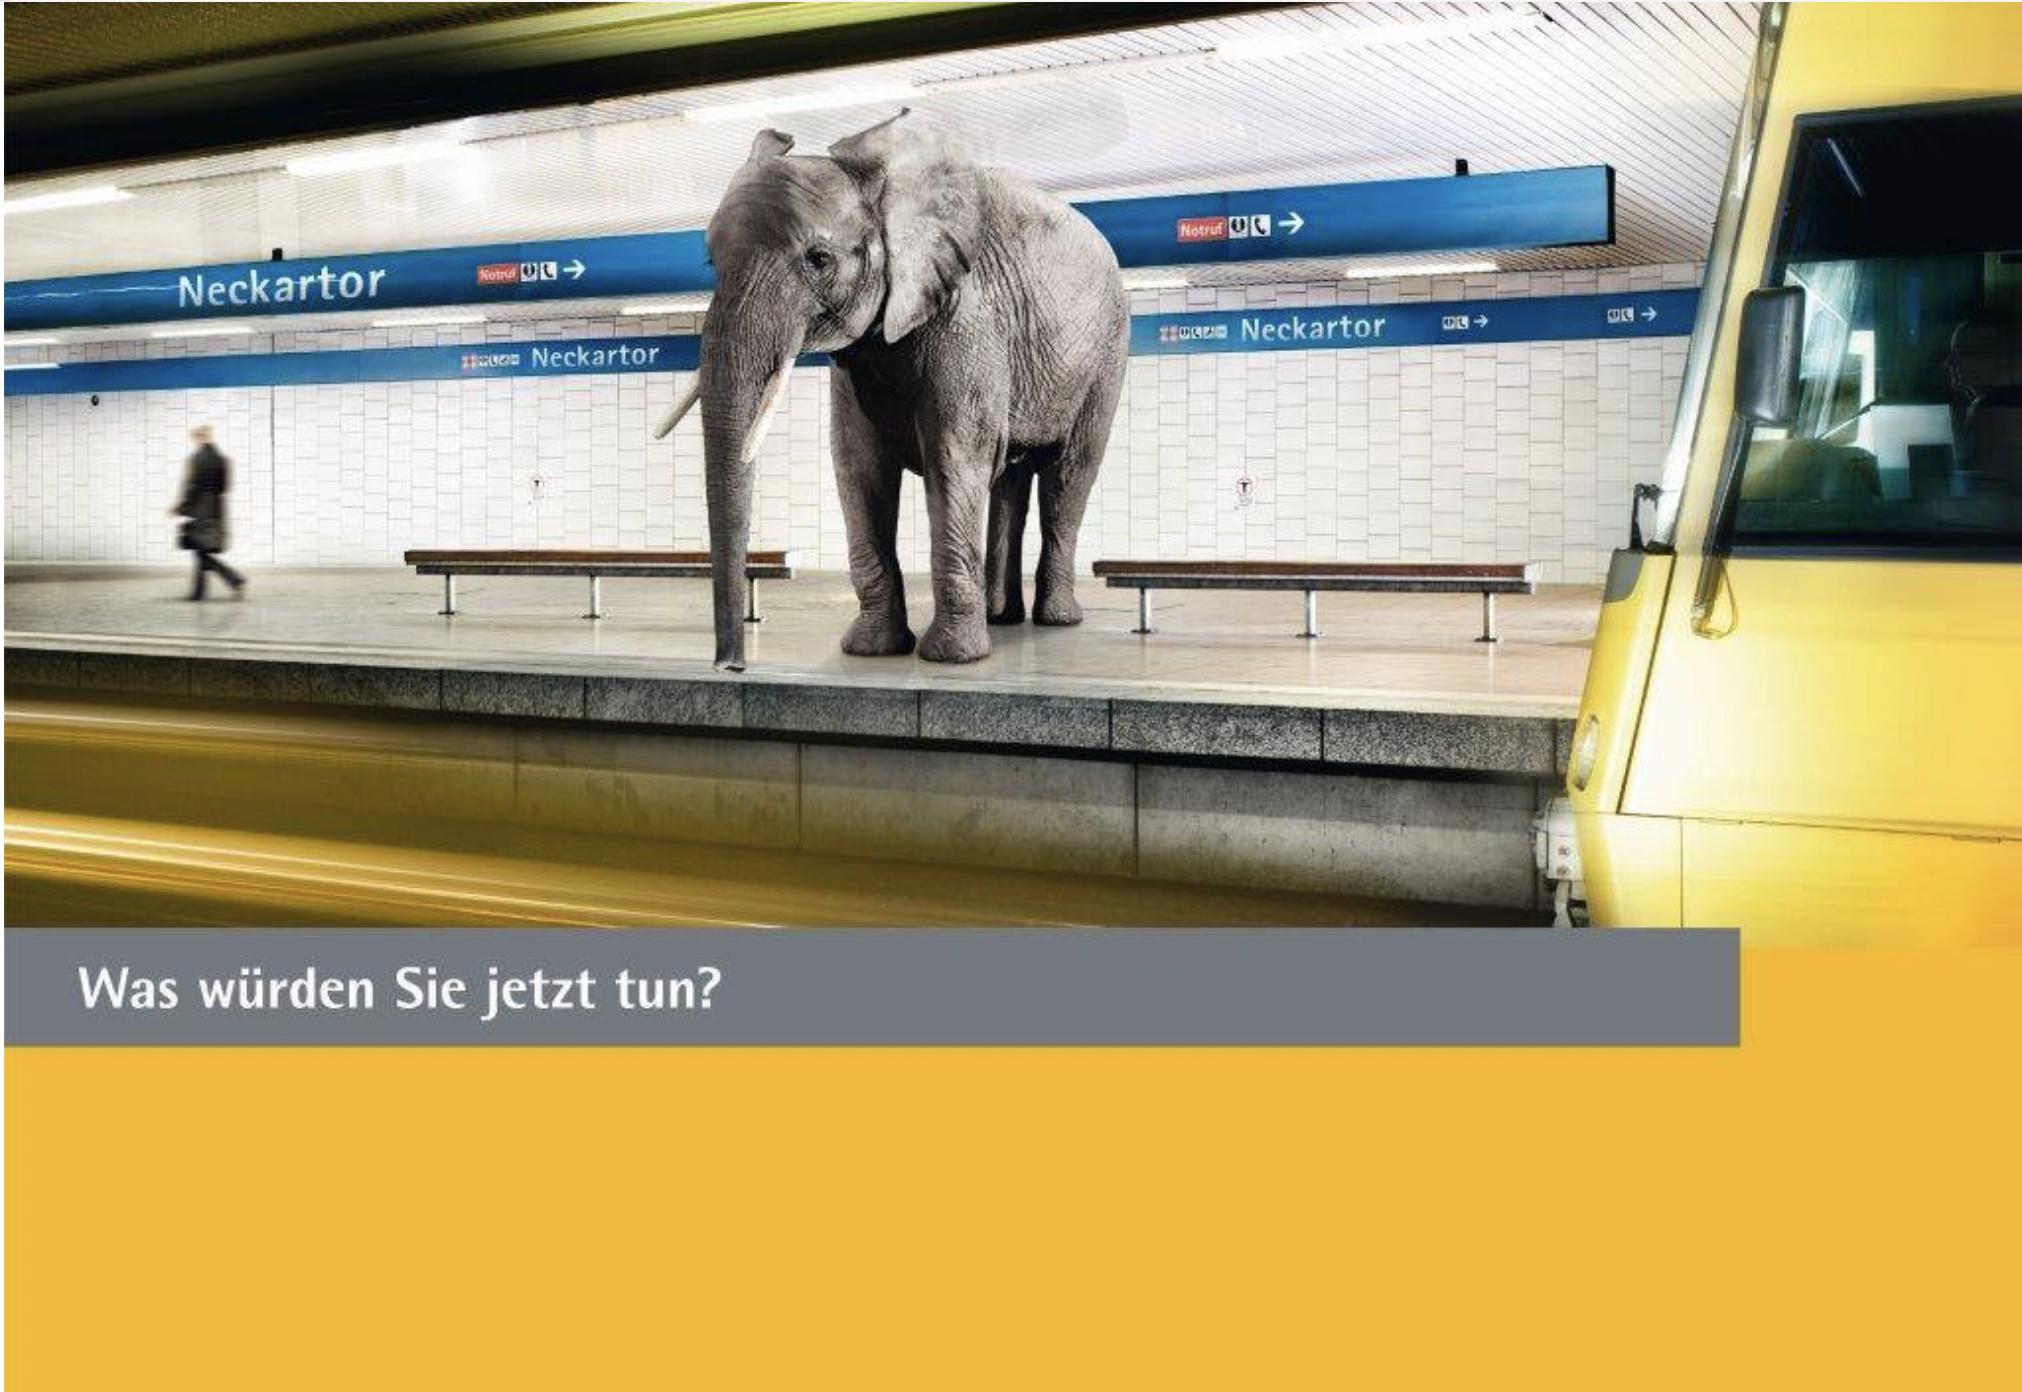 Eine Elefant steht am Bahnsteig Neckartor in der Stuttgarter U-Bahn. Symbol für eine herausfordernd Situation. Ist das Eignungsdiagnostik und social Media Recruiting?